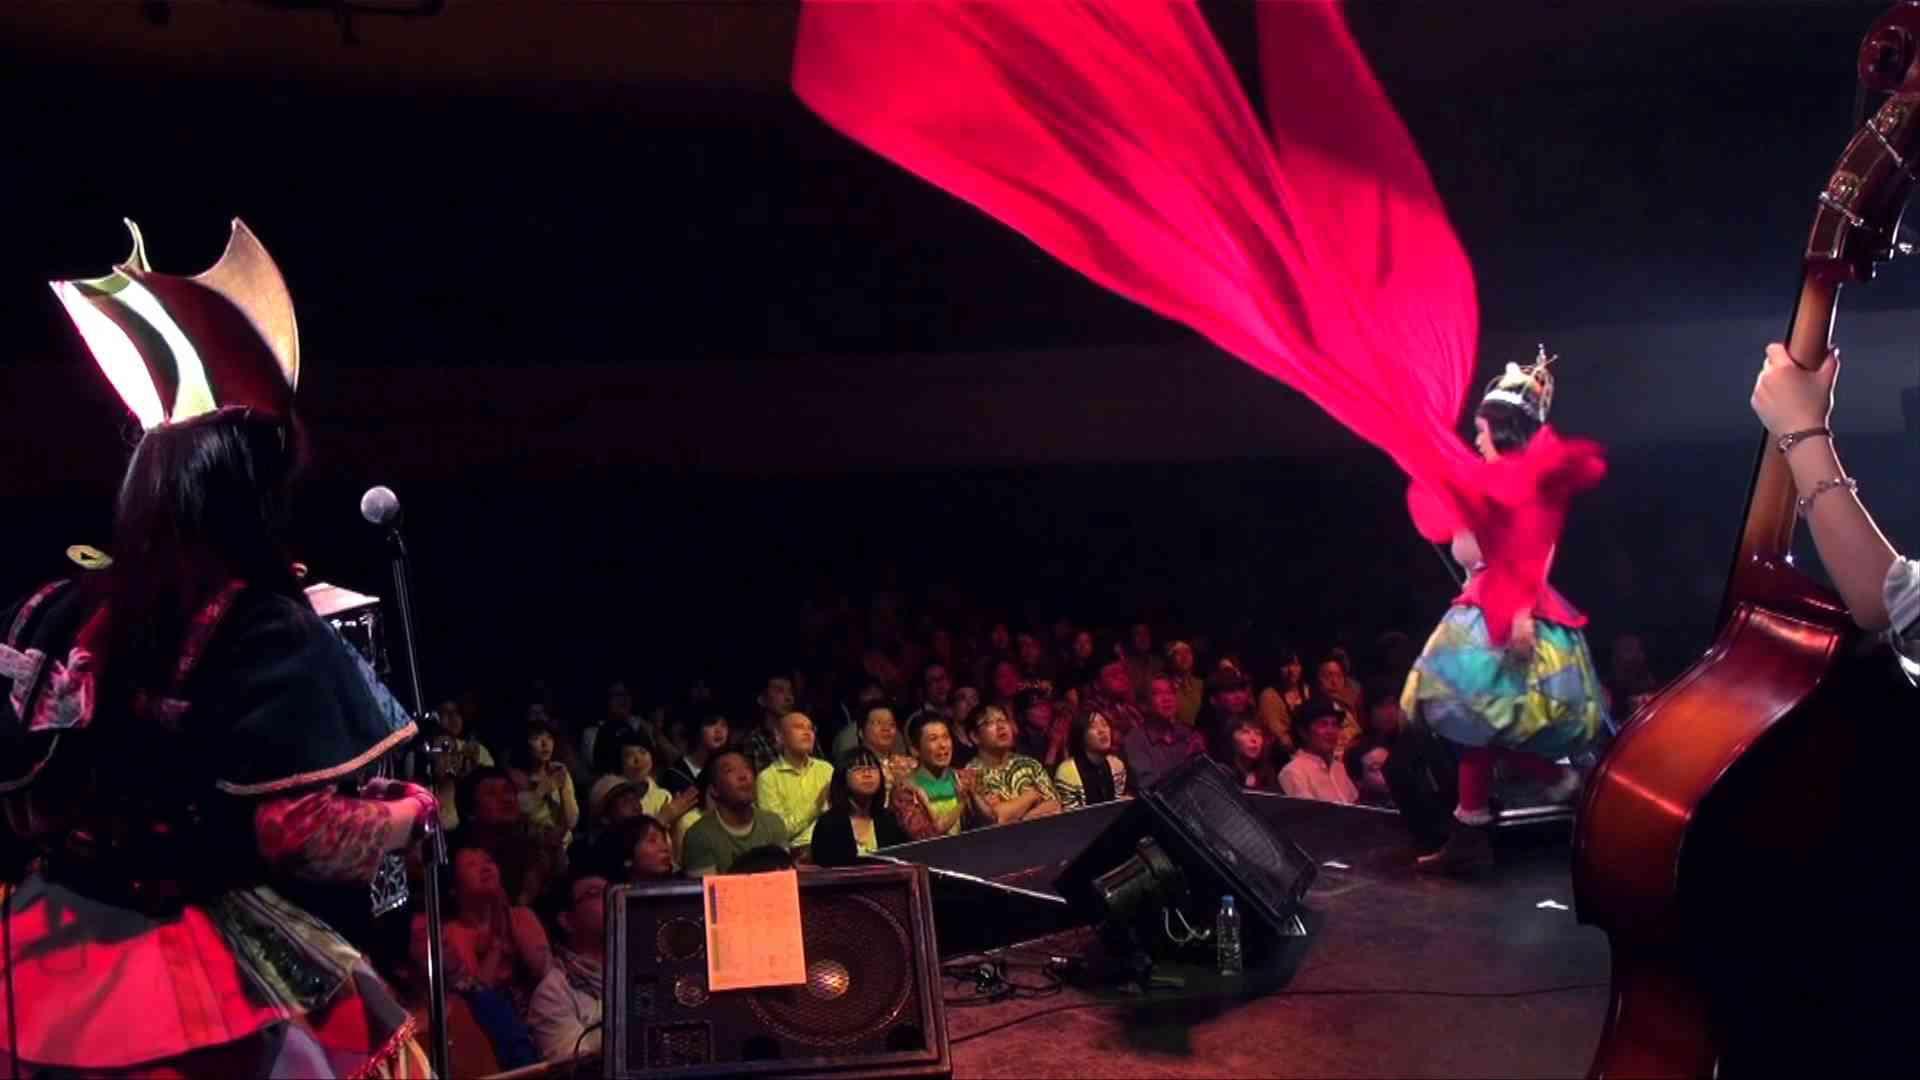 チャラン・ポ・ランタン 「サーカス・サーカス(LIVE ver.)」 MUSIC VIDEO - YouTube